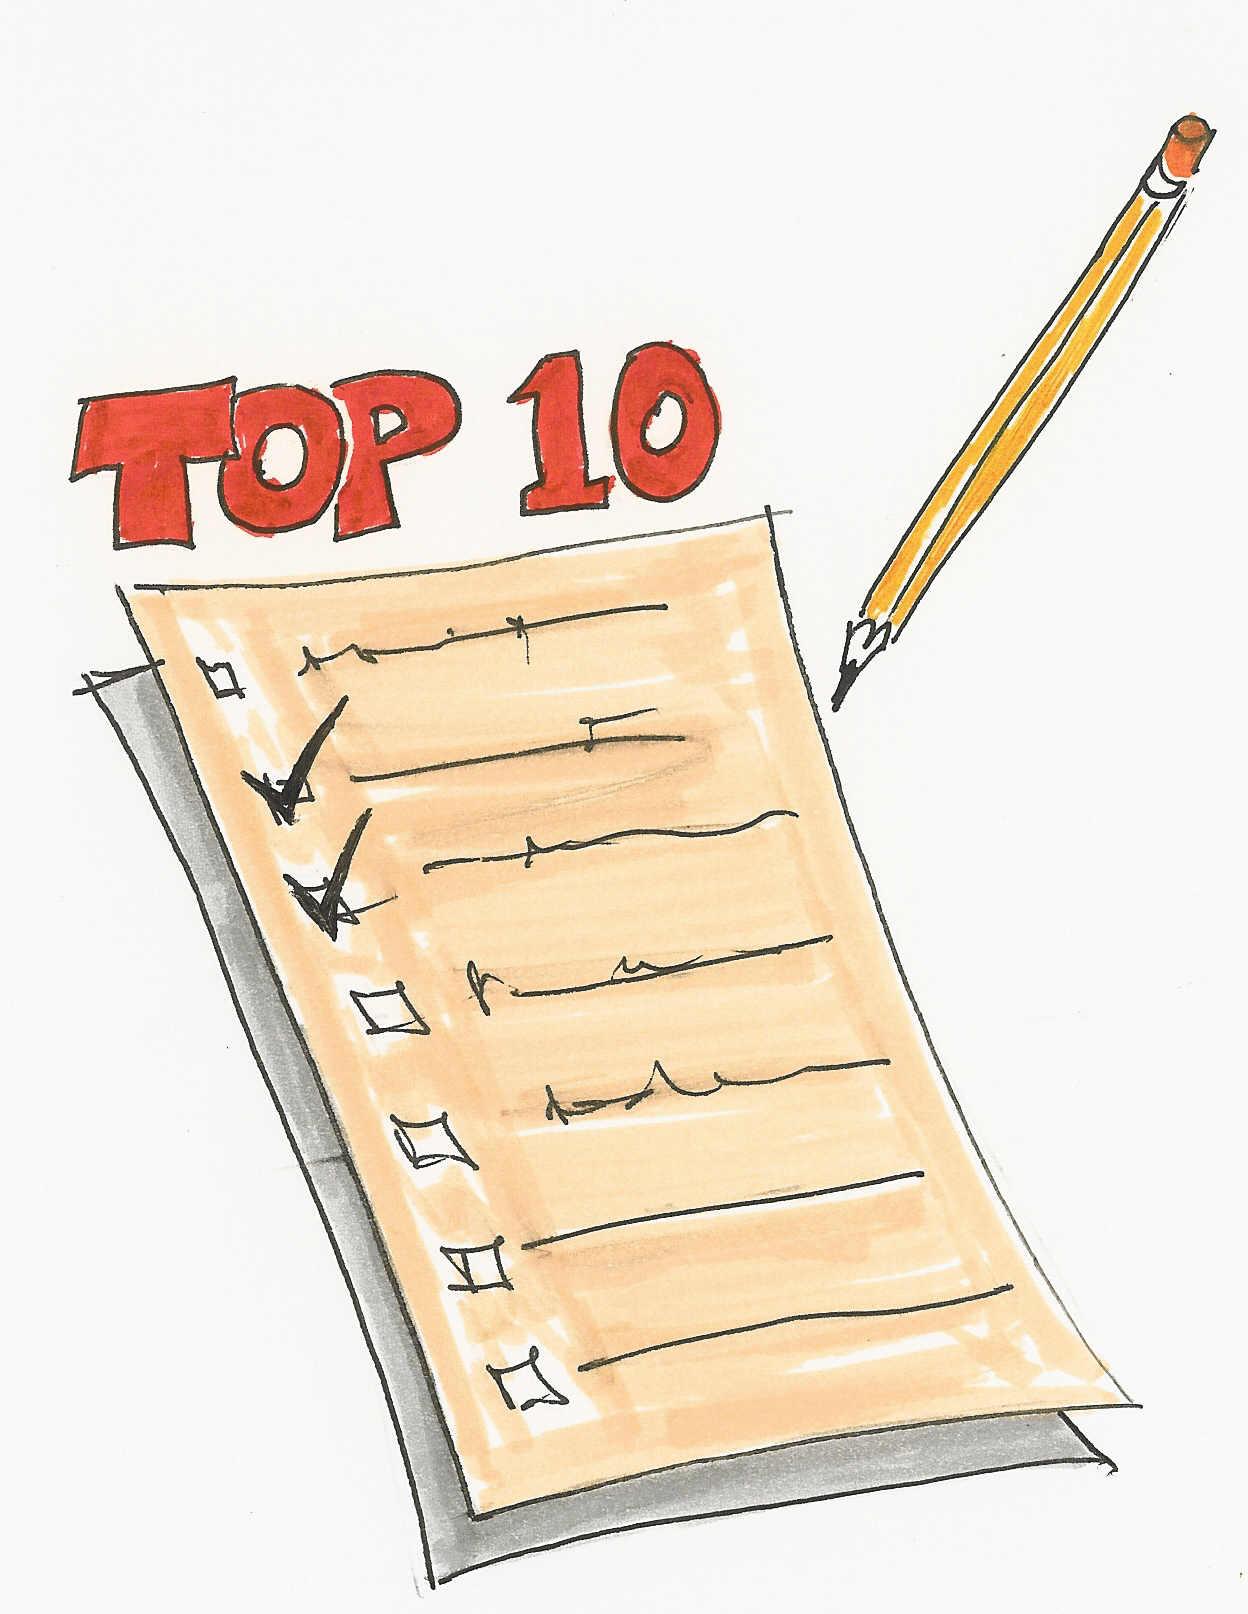 لیست نویسی در تولید محتوا